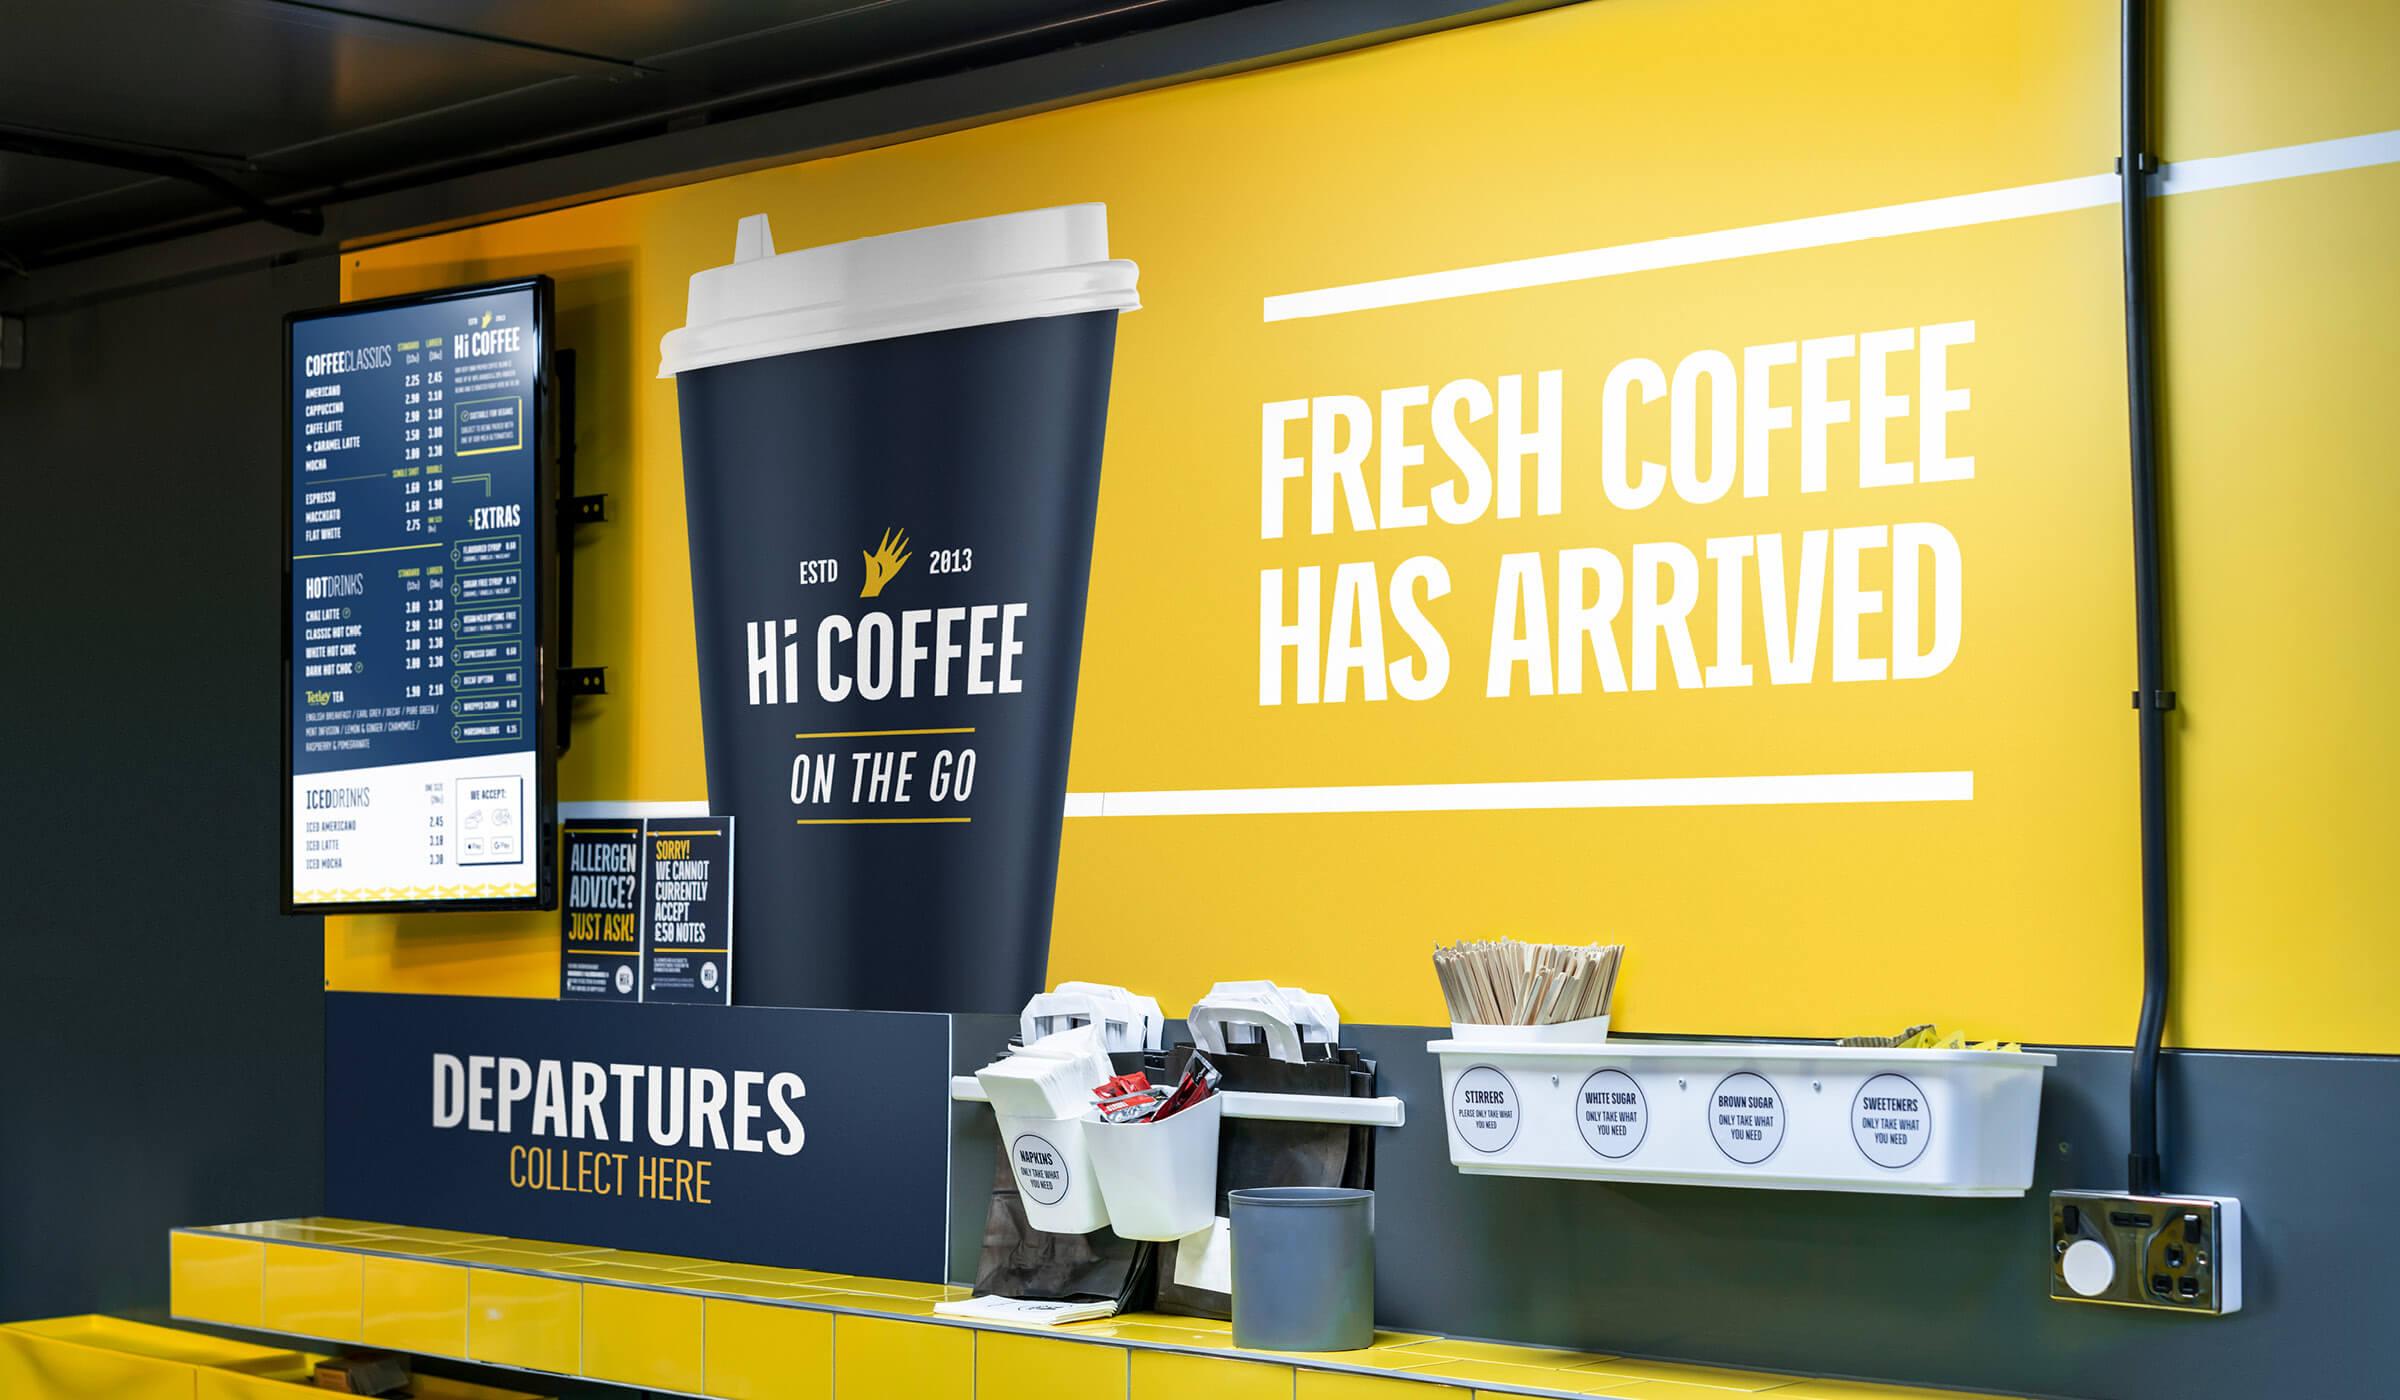 Hi Coffee store interior design